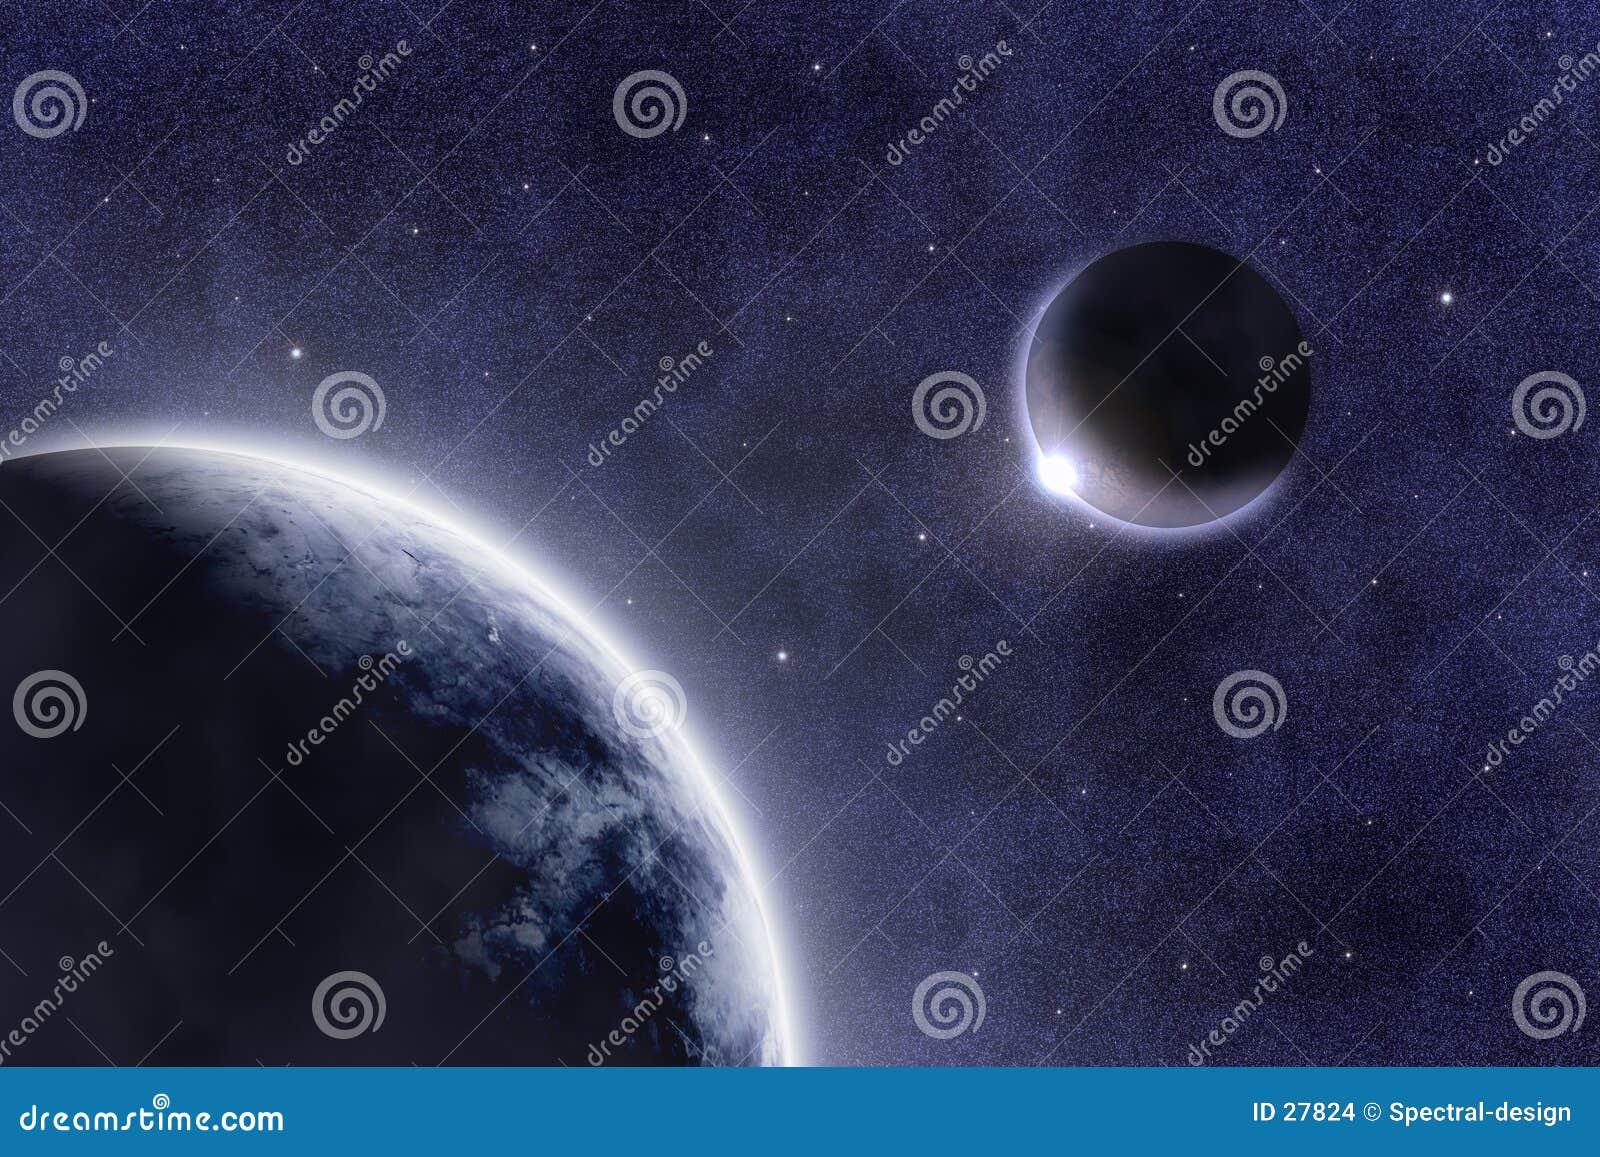 667 μ spacescape